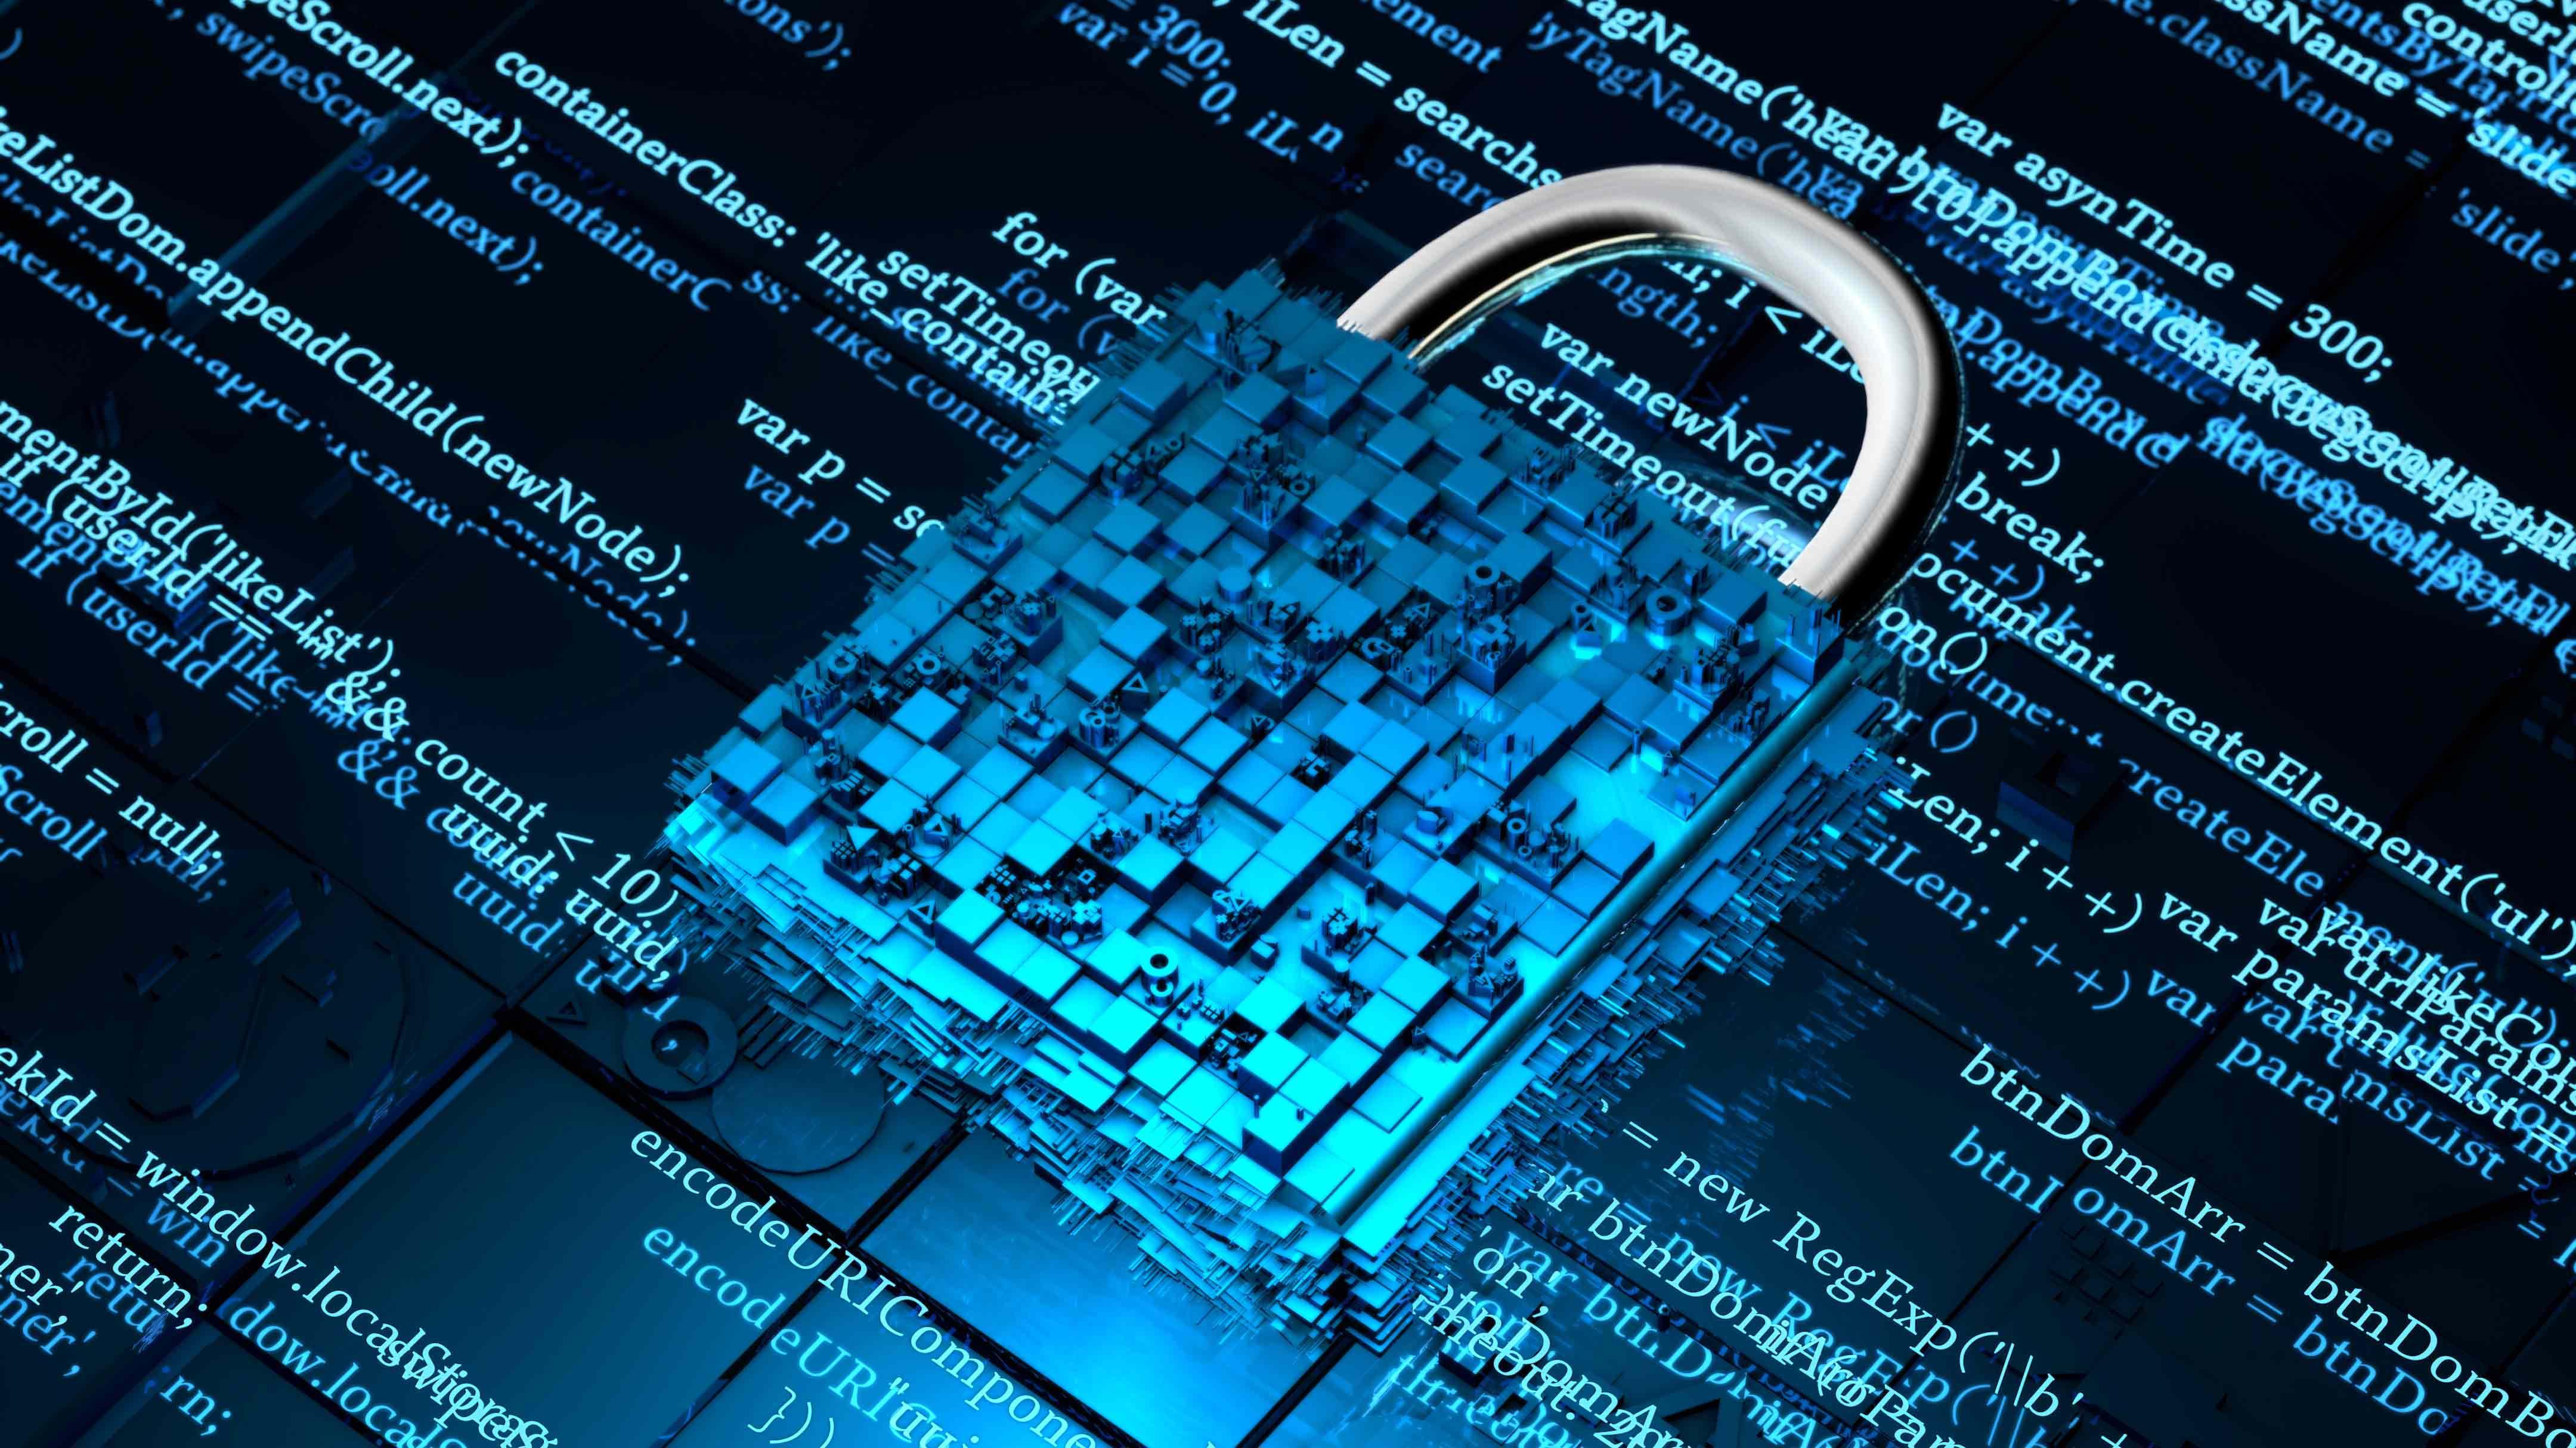 <p>Ciberseguridad: una oferta educativa más técnica y práctica</p>